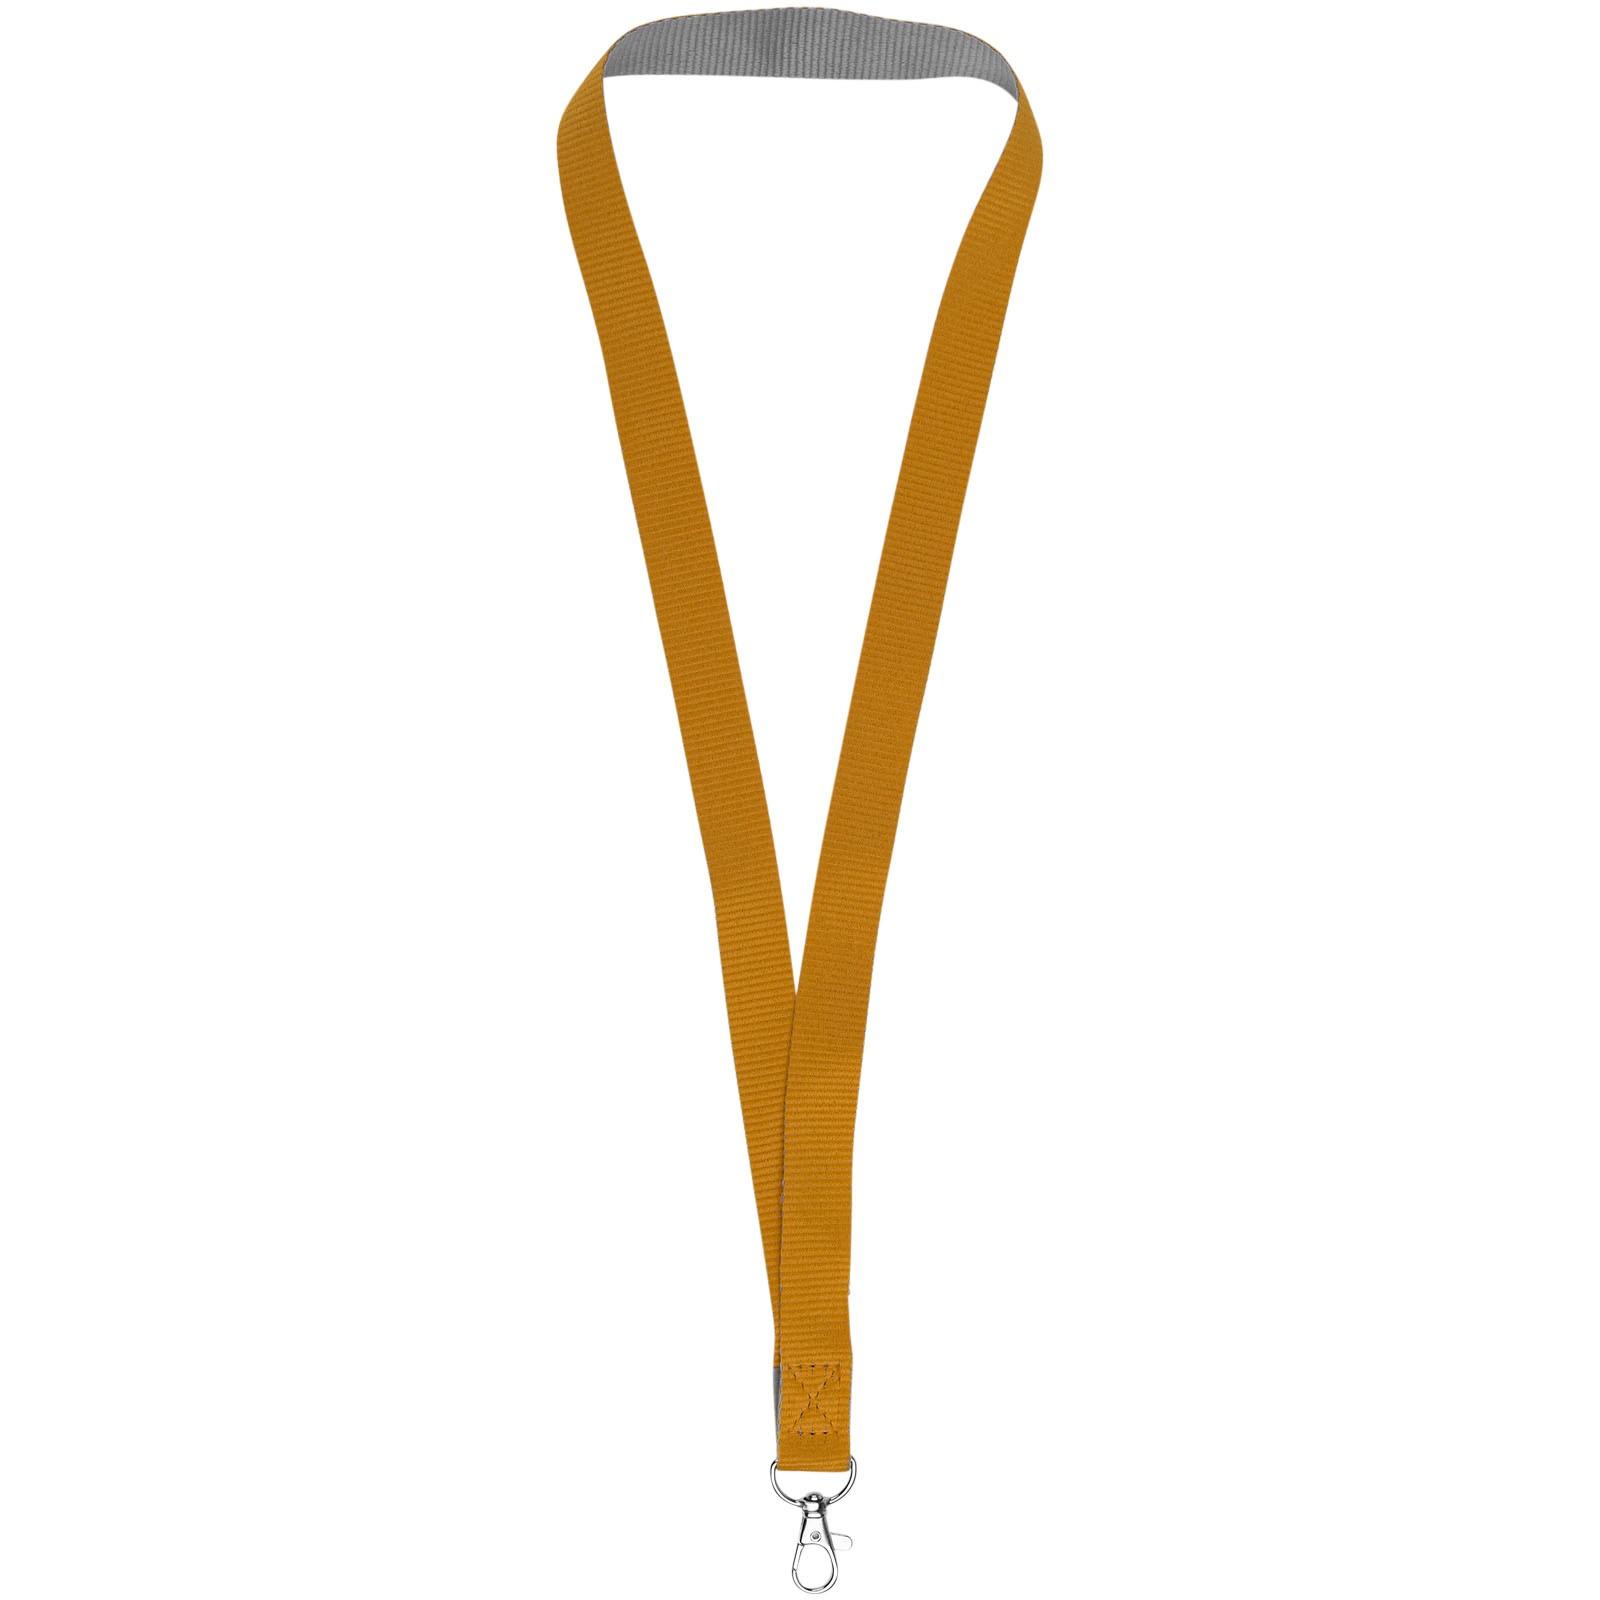 Aru dual-tone lanyard with hook & loop closure - Orange